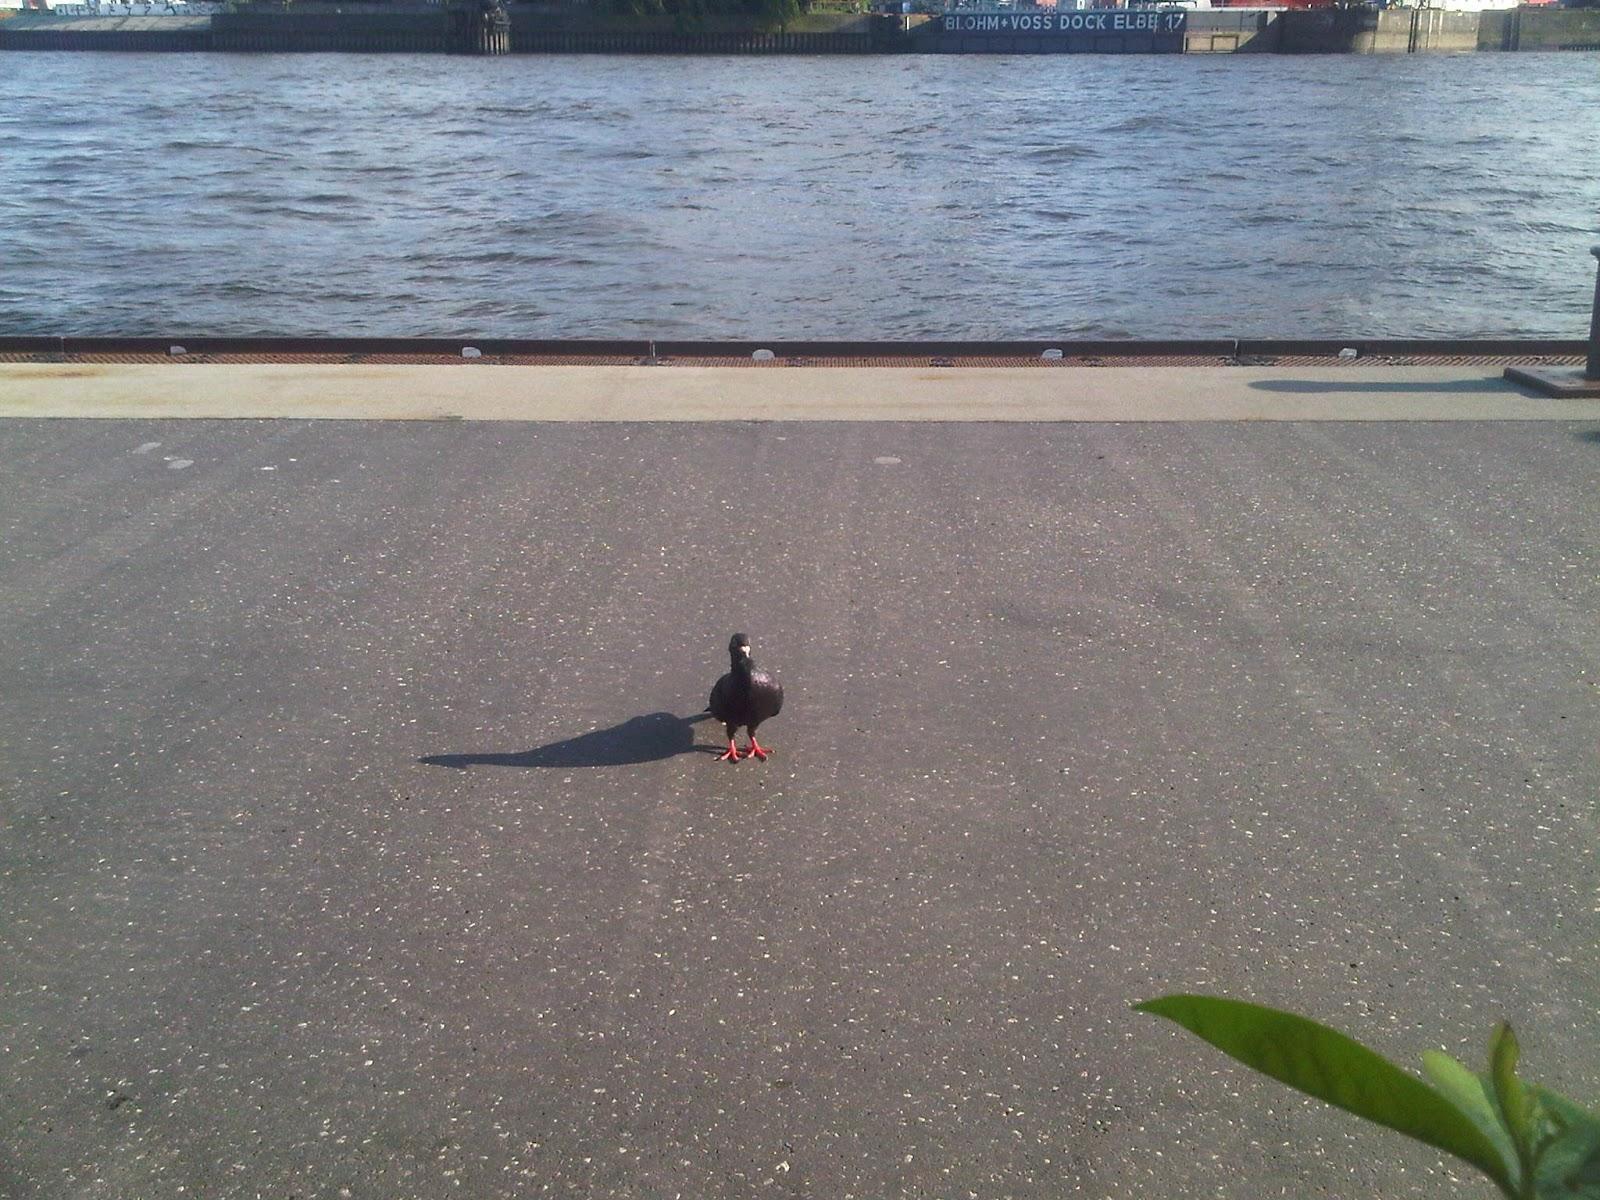 Schwarze Taube auf den Landungsbrücken mit glänzenden Federn in der Sonne.